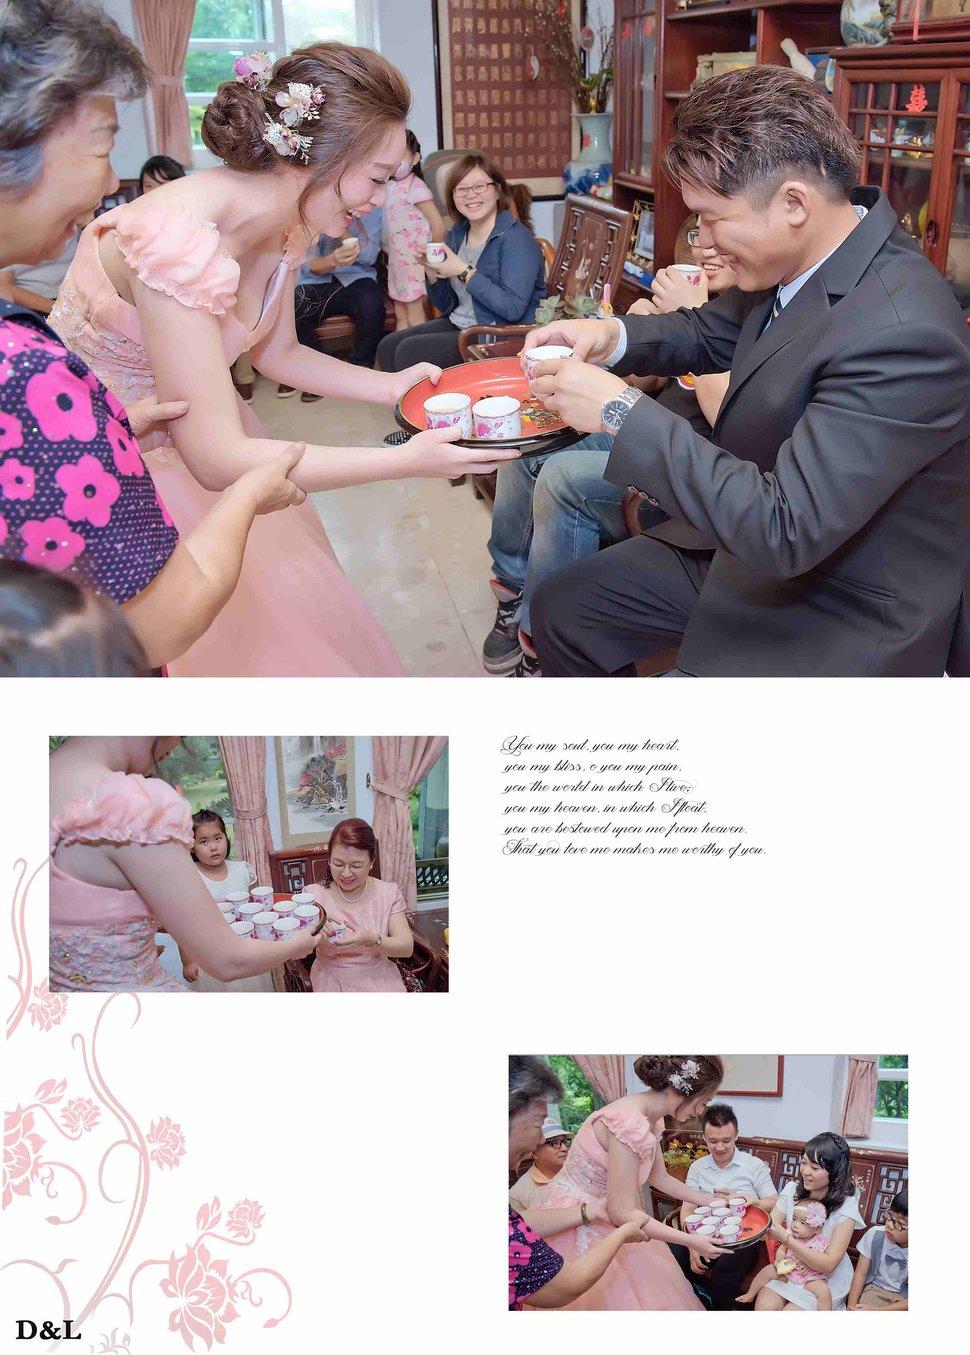 婚禮記錄 俊明&少怡(編號:248801) - D&L 婚禮事務-婚紗攝影/婚禮記錄 - 結婚吧一站式婚禮服務平台